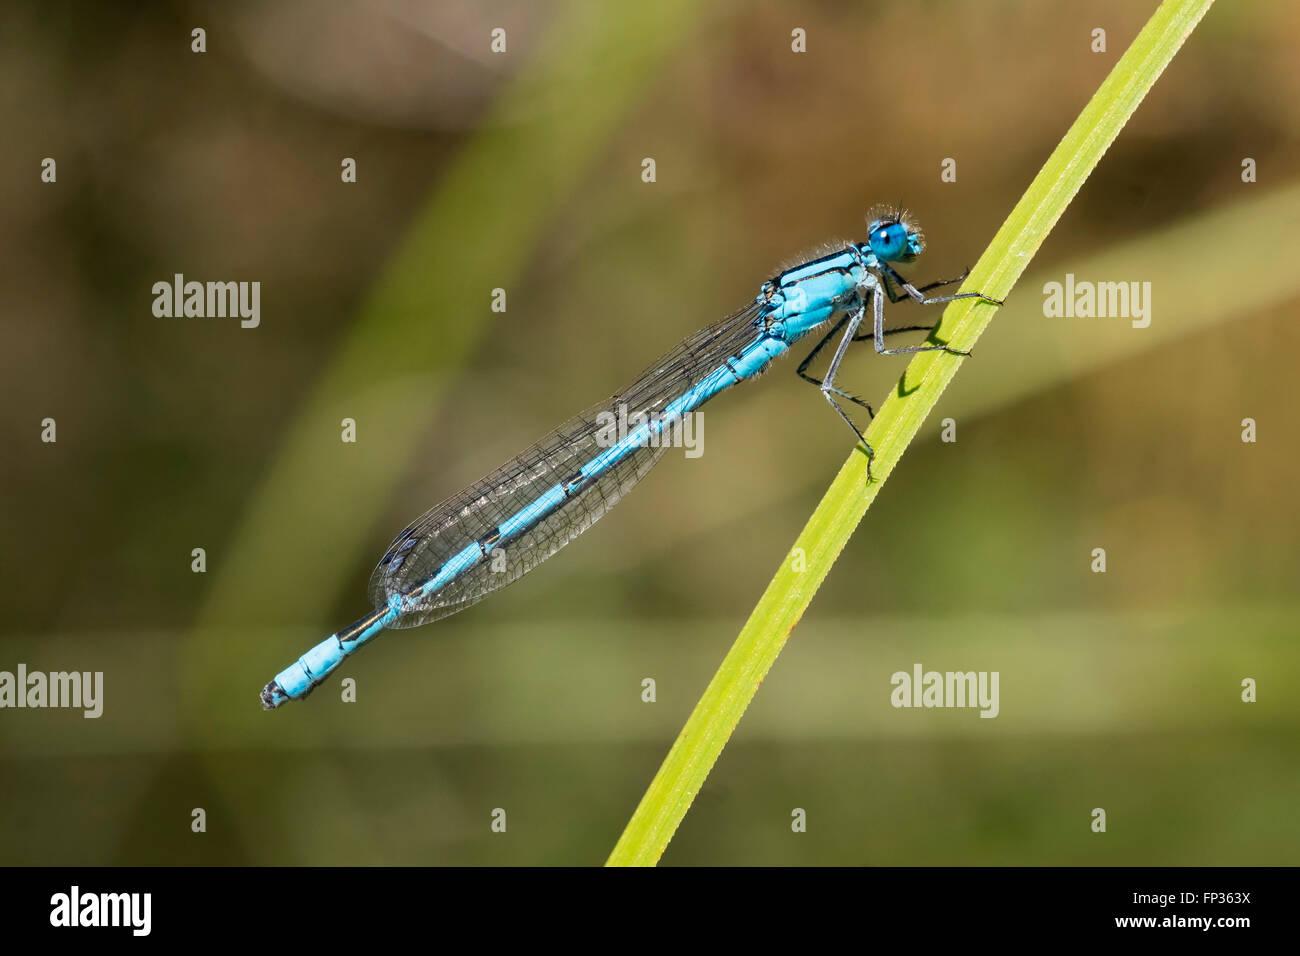 Common Blue Damselfly (Enallagma cyathigerum), male, Pupplinger Au, Upper Bavaria, Bavaria, Germany - Stock Image